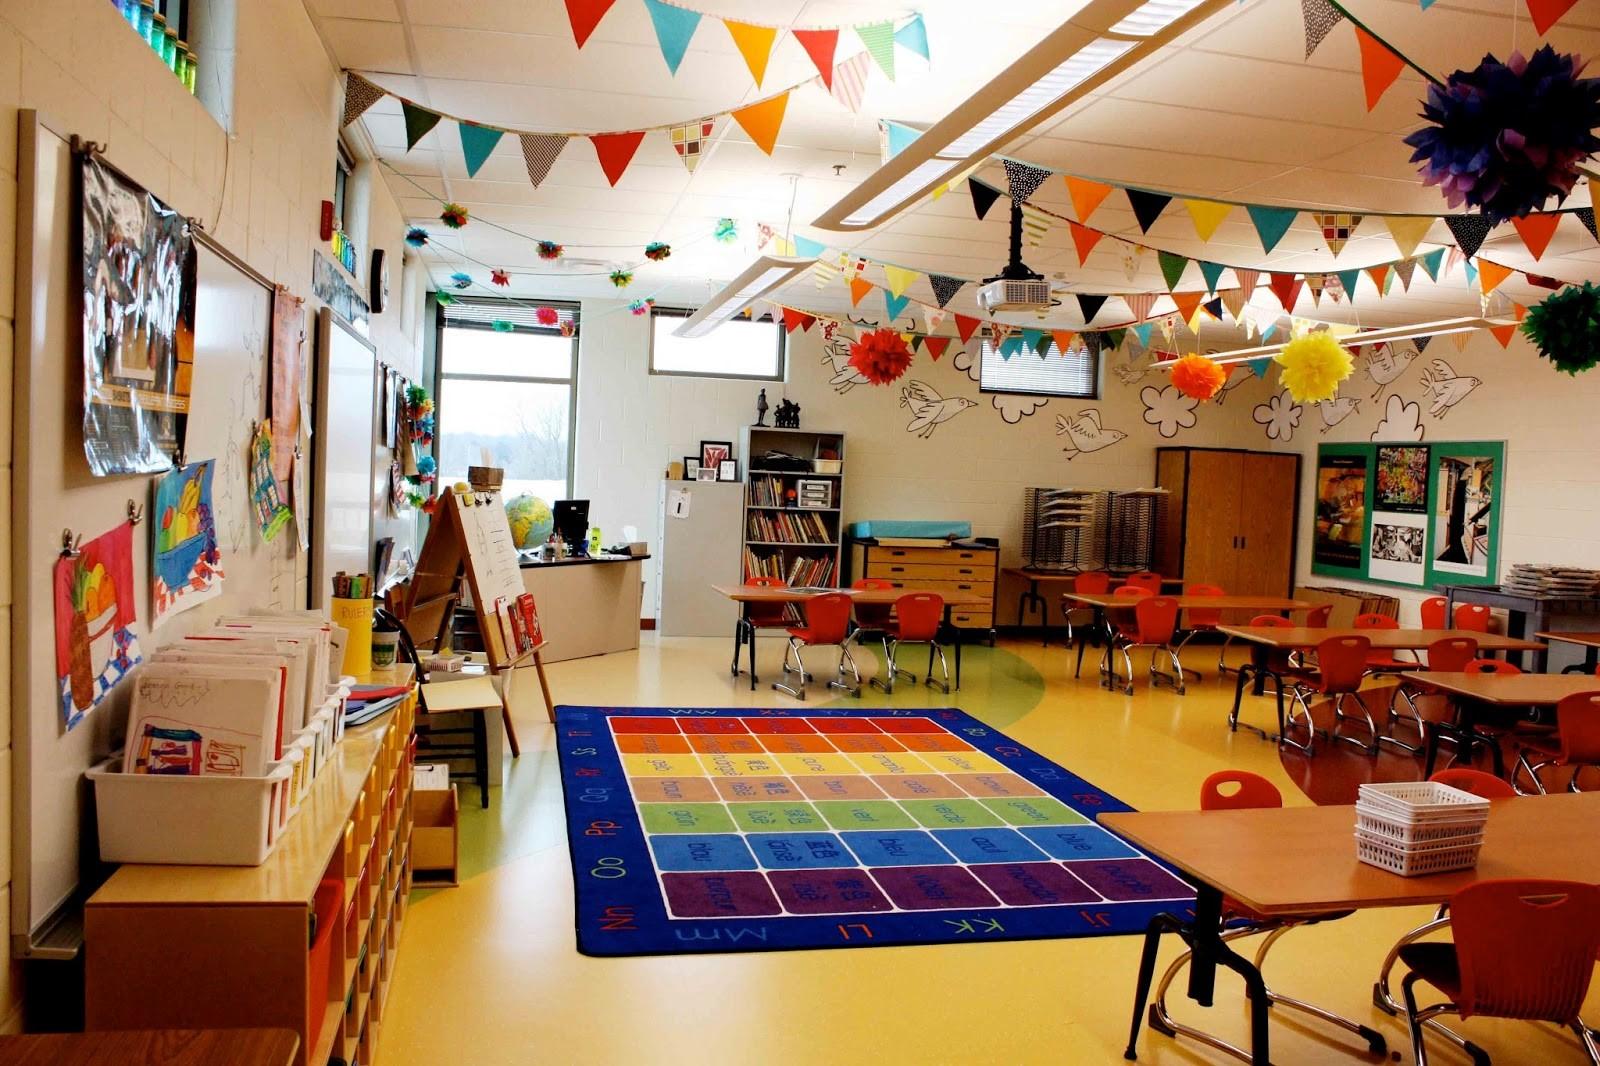 Hiasan Atap Ruangan Kelas